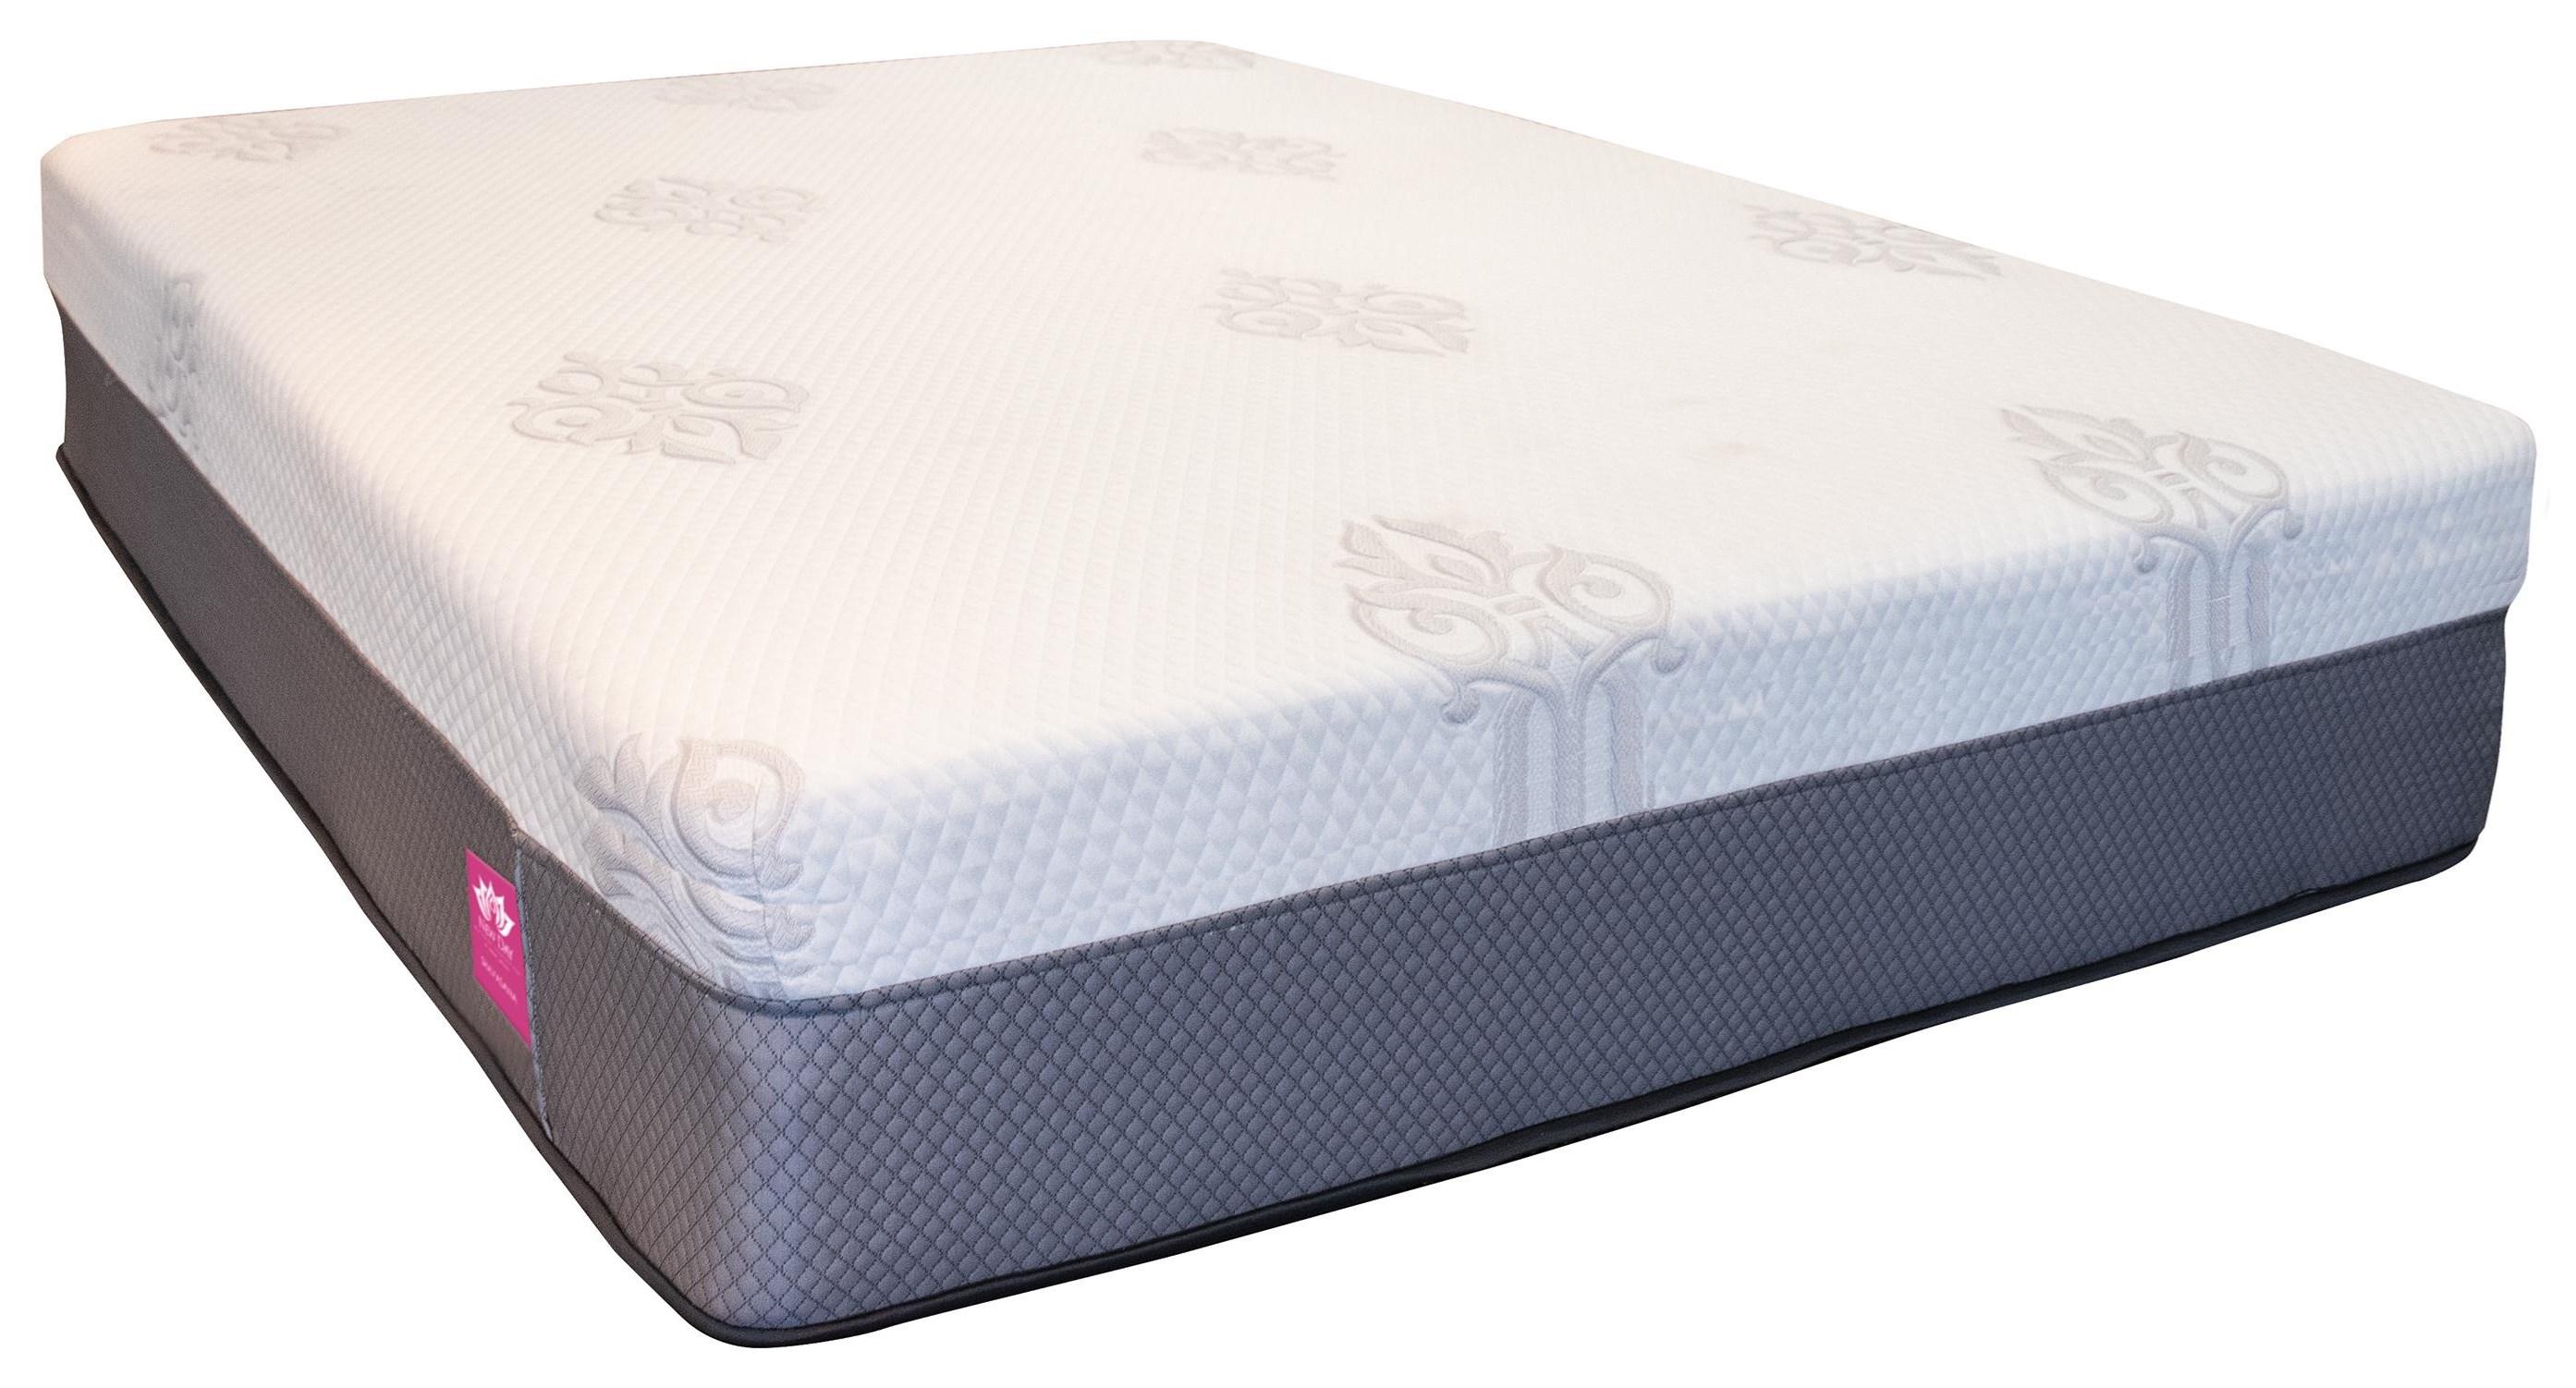 Shavasana Full 11.5 inch Memory/Latex Hybrid by United Bedding at Johnny Janosik